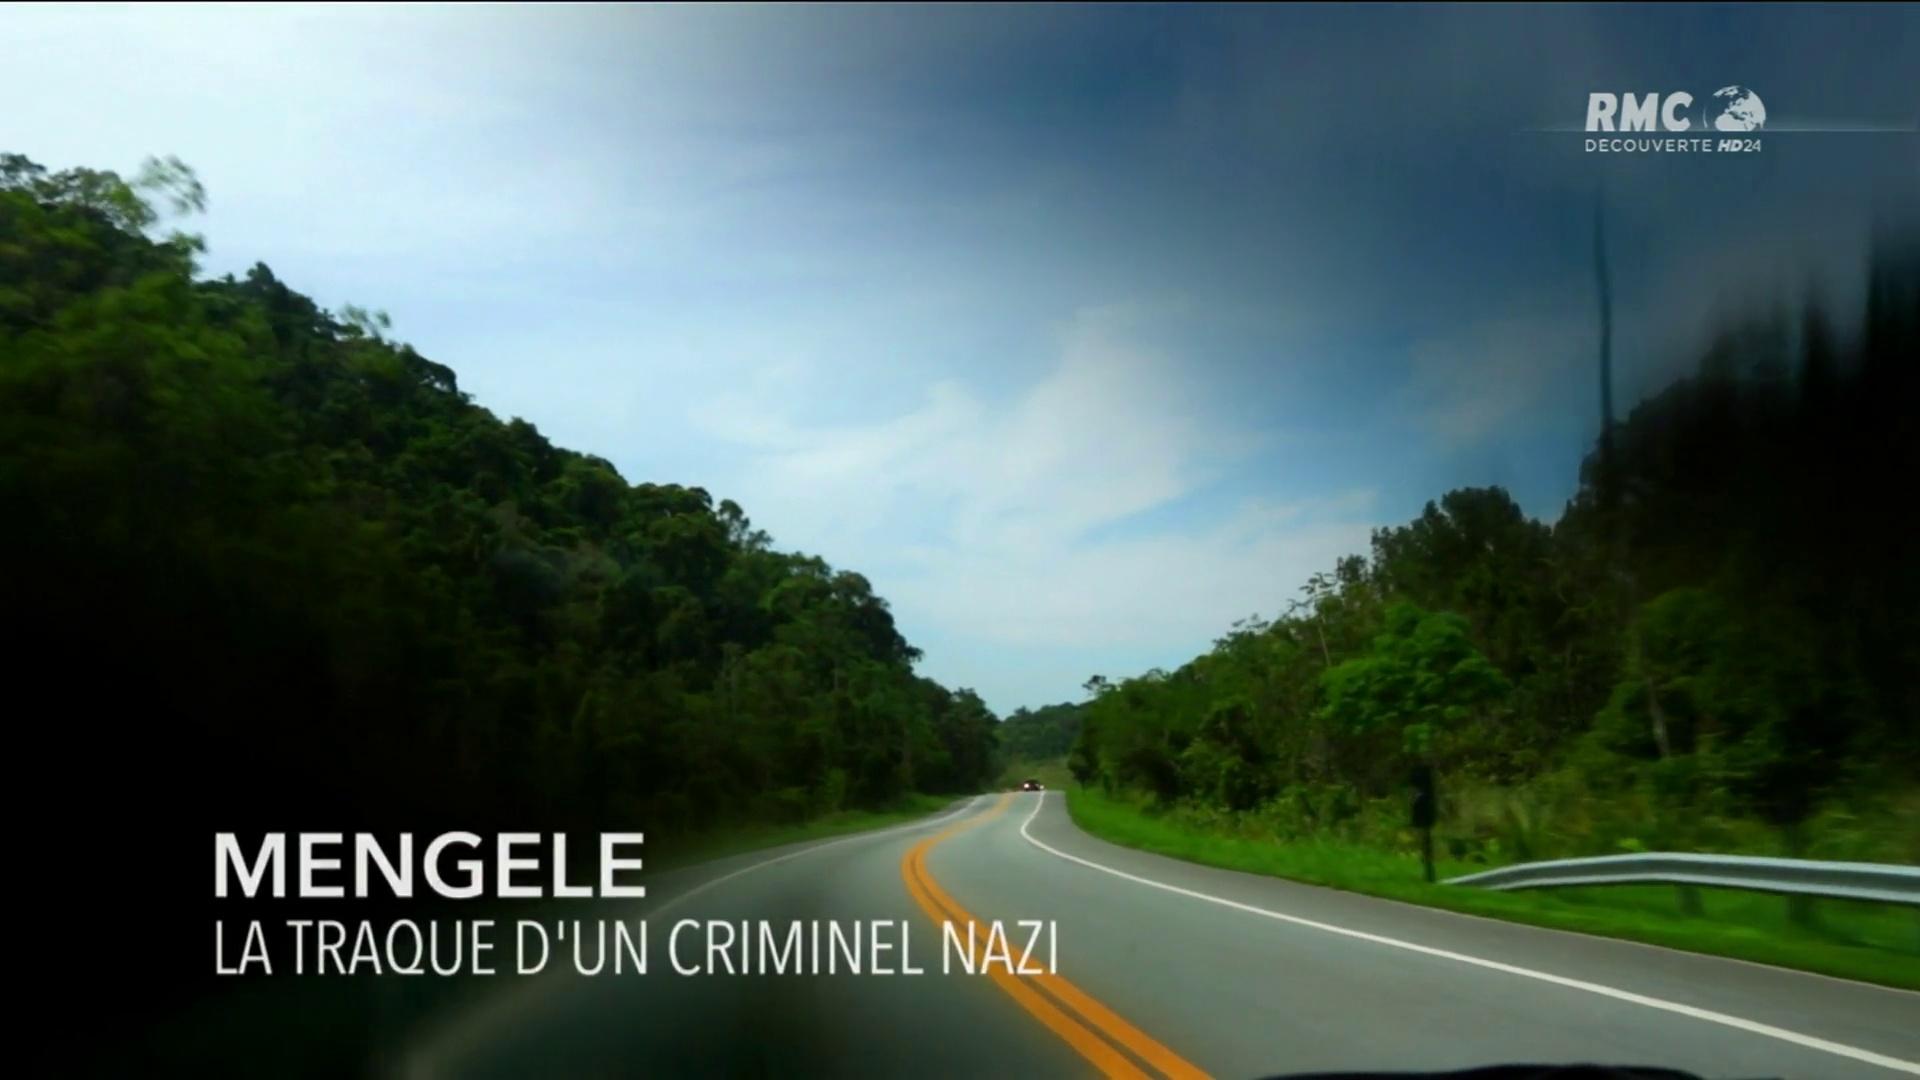 Documentaire Mengele, la traque d'un criminel nazi (1/2)